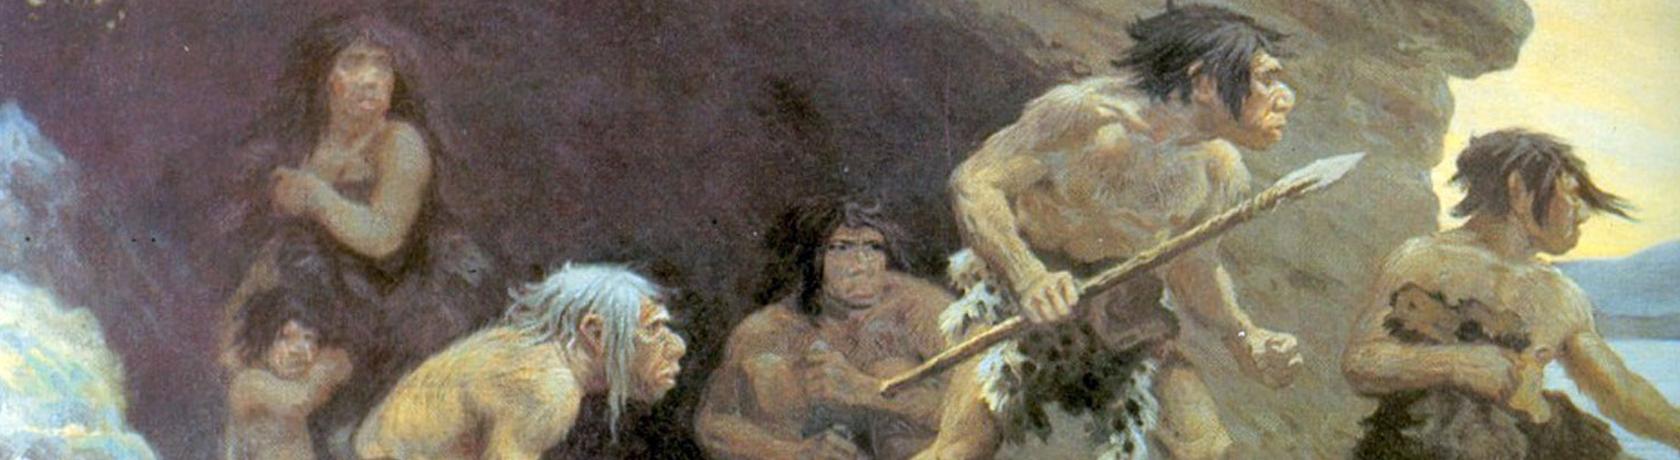 neanderthaler.png#asset:247